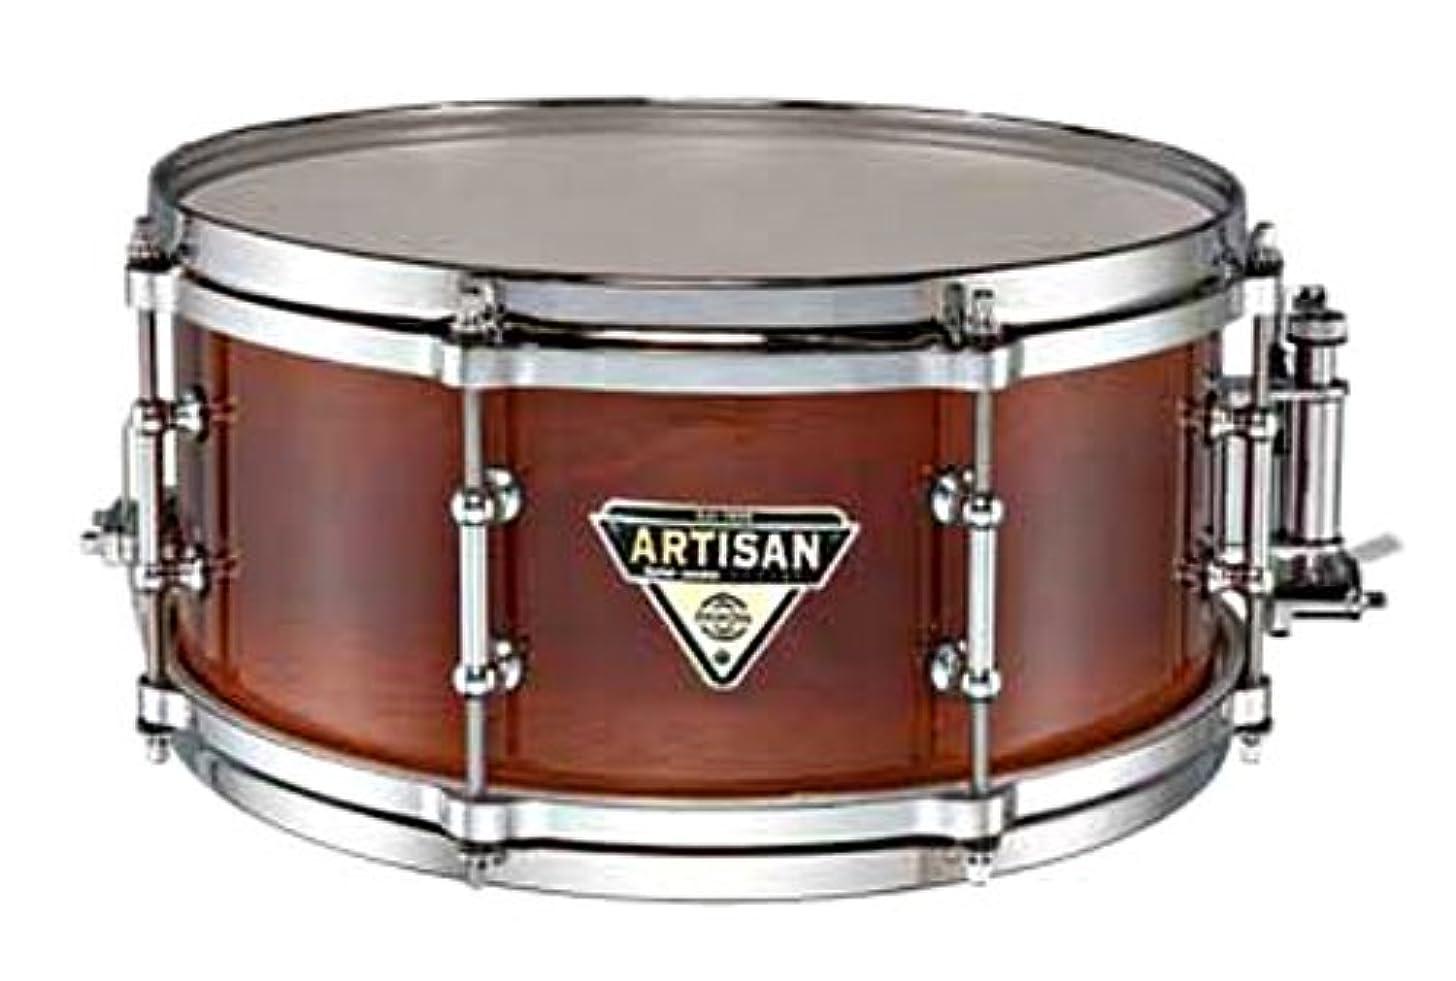 Dixon PDS-9603CBRG 6 x 13 Inches Australian Rose Gum Snare Drum